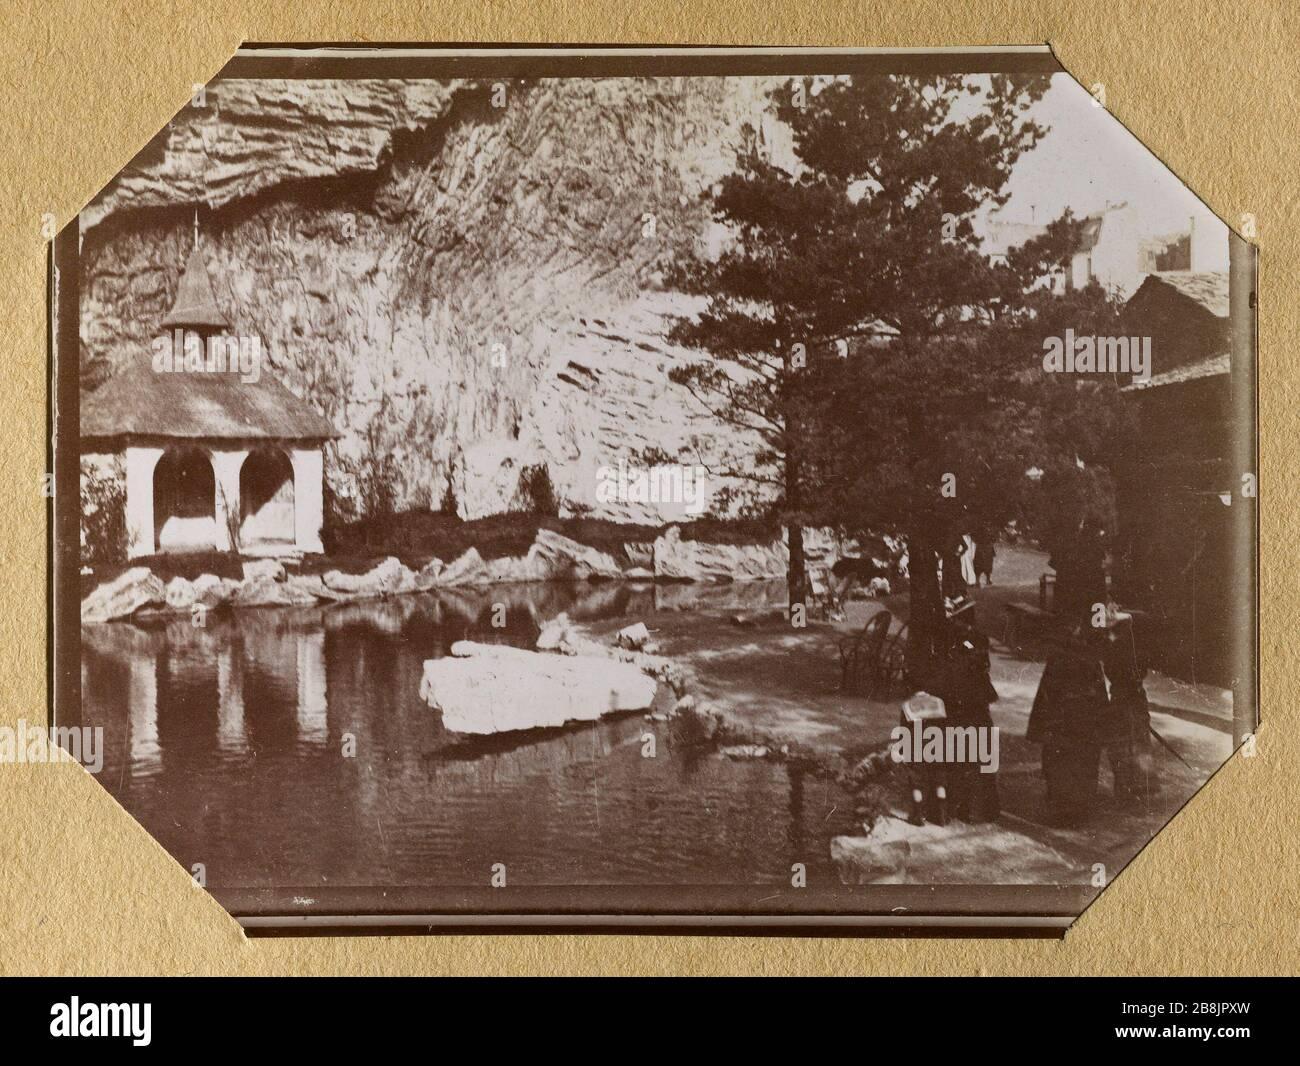 Album Of The Universal Exhibition Of 1900 Swiss Village Anonyme Album De L Exposition Universelle De 1900 Village Suisse 1900 Musee Des Beaux Arts De La Ville De Paris Petit Palais Stock Photo Alamy